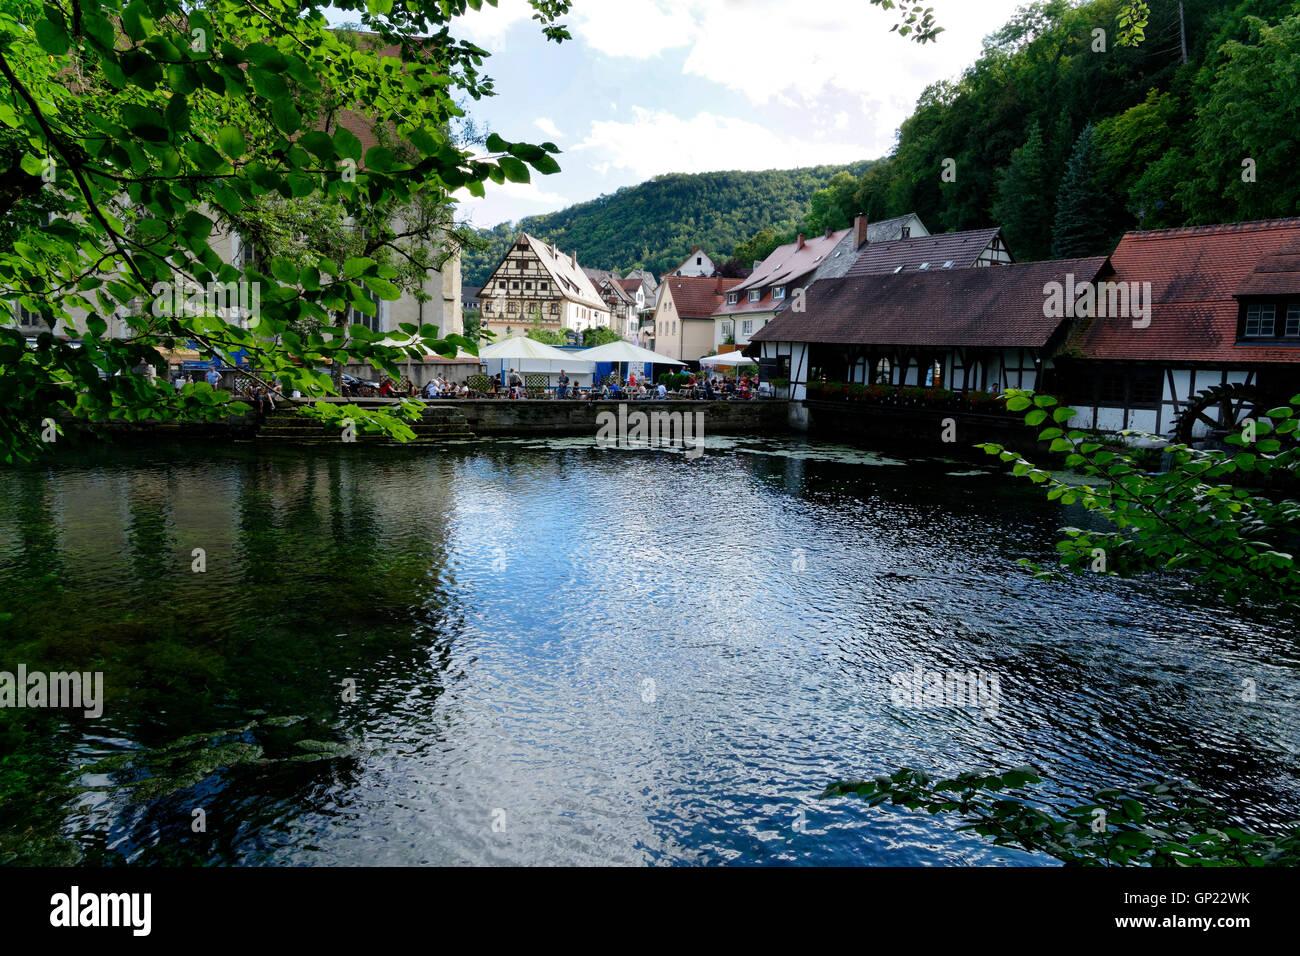 Karstquelle Blautopf und Architektur in Blaubeuren, schwäbischen Alb, Baden-W?rttemberg, Deutschland, Europa Stockbild